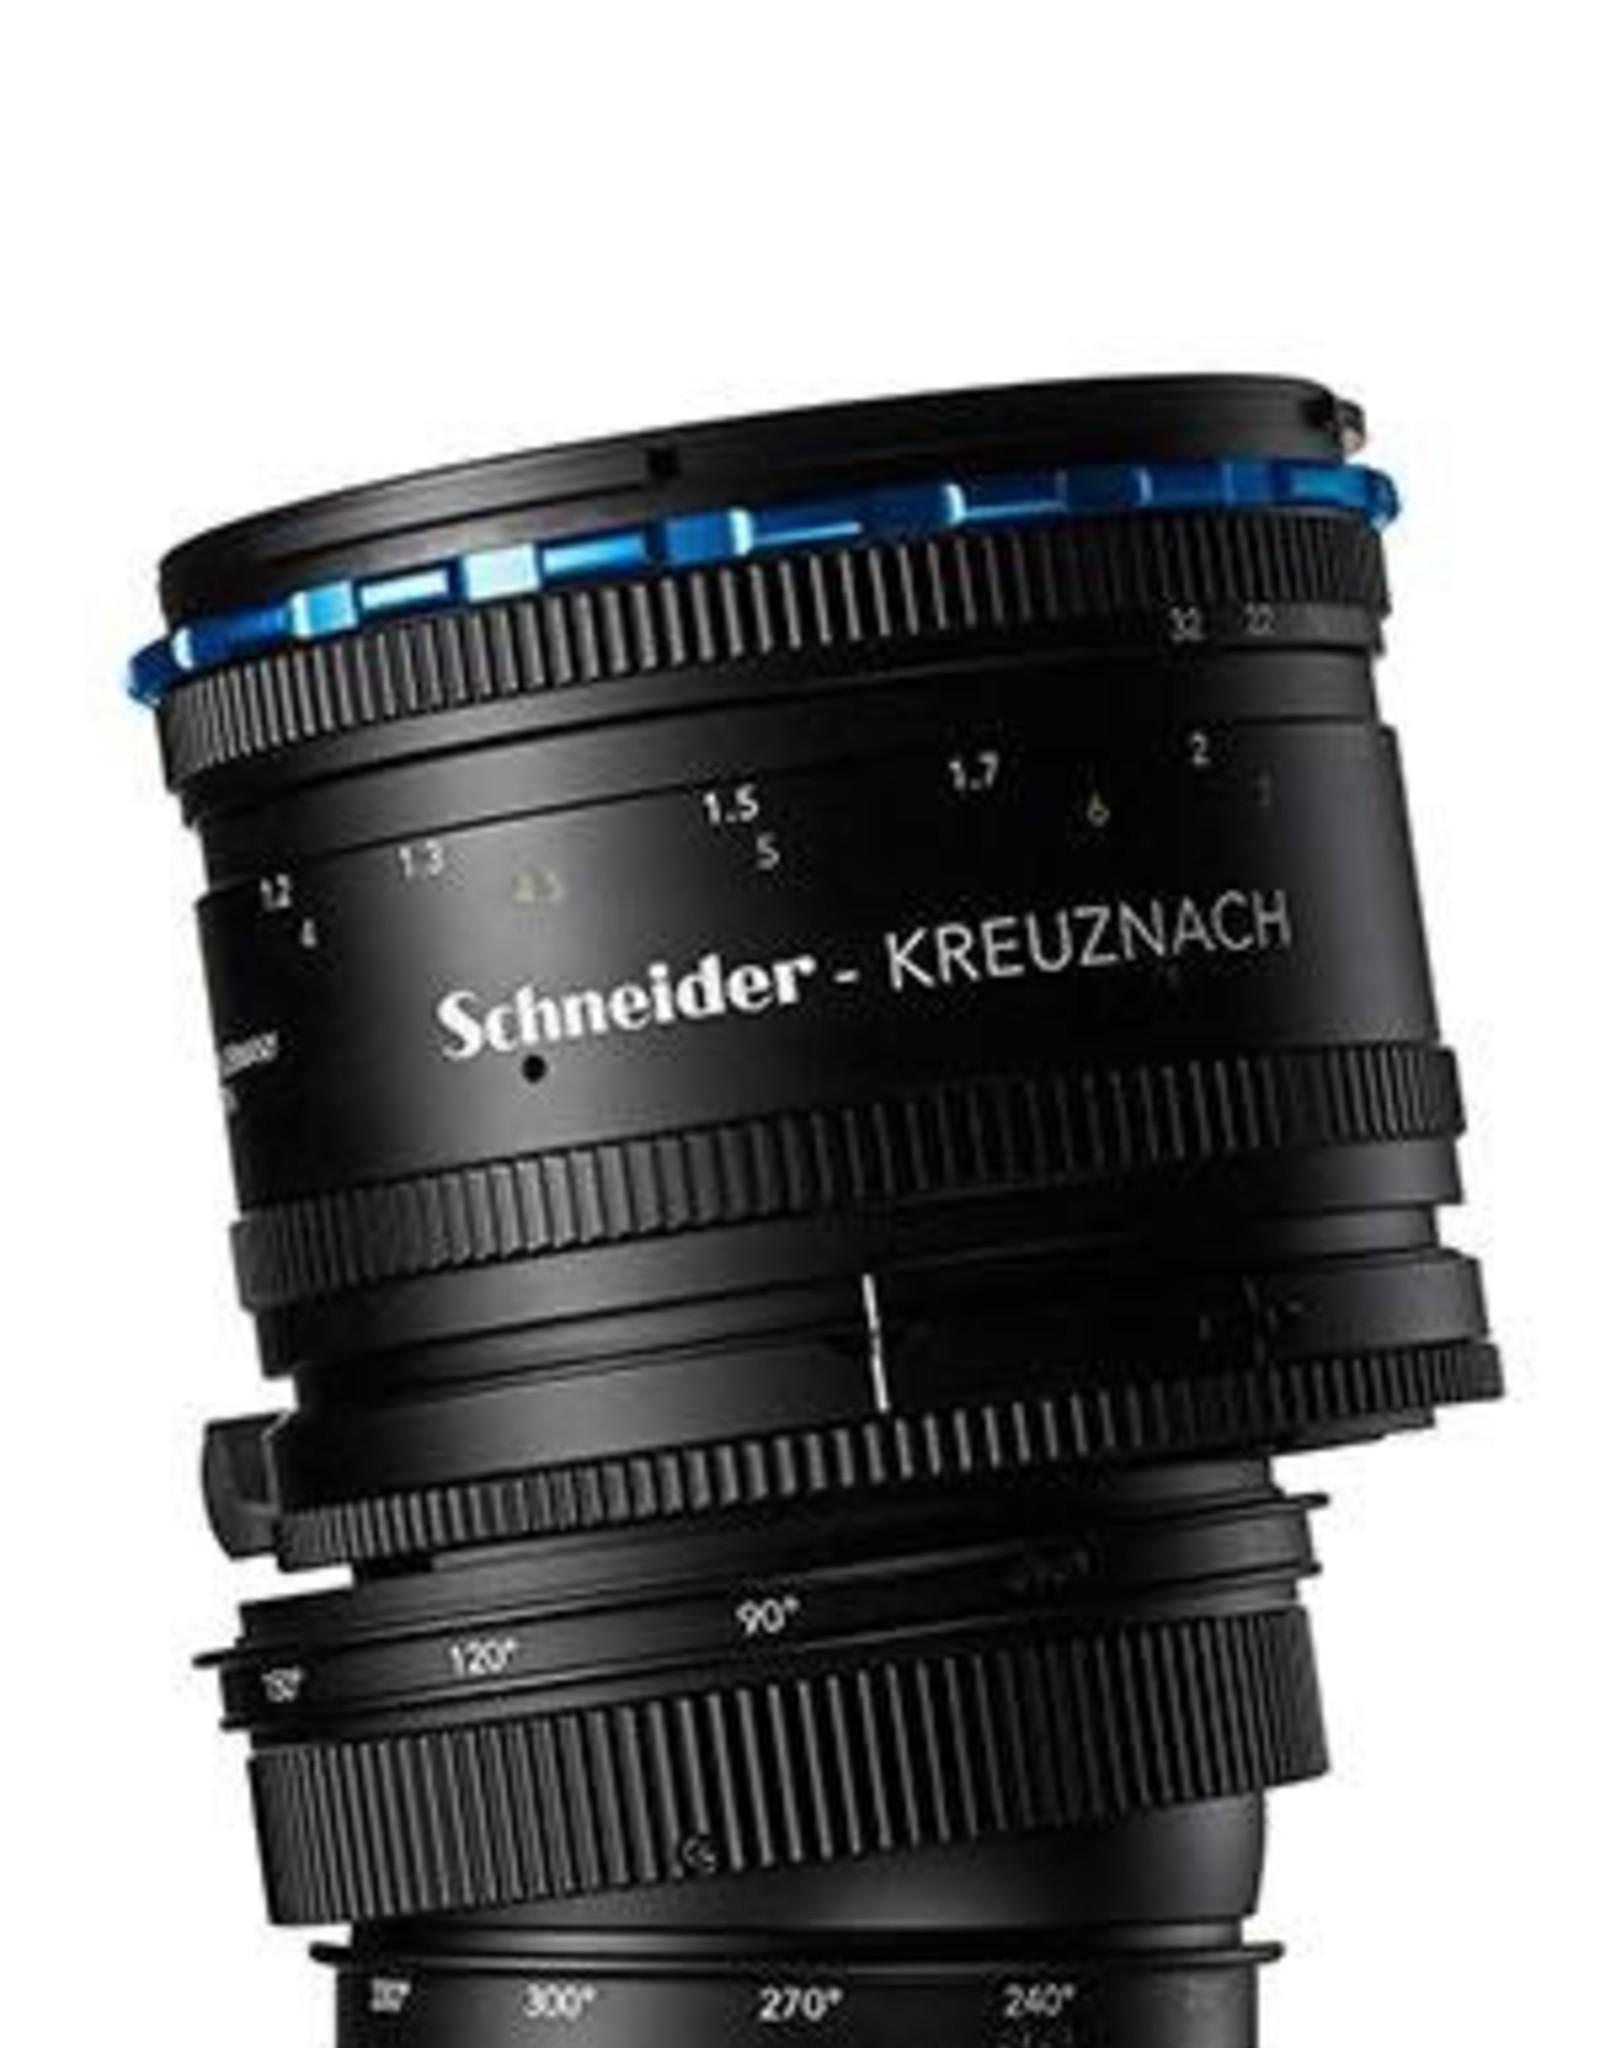 Phase One Phase One Schneider Kreuznach 120mm MF TS f/5.6 Lens